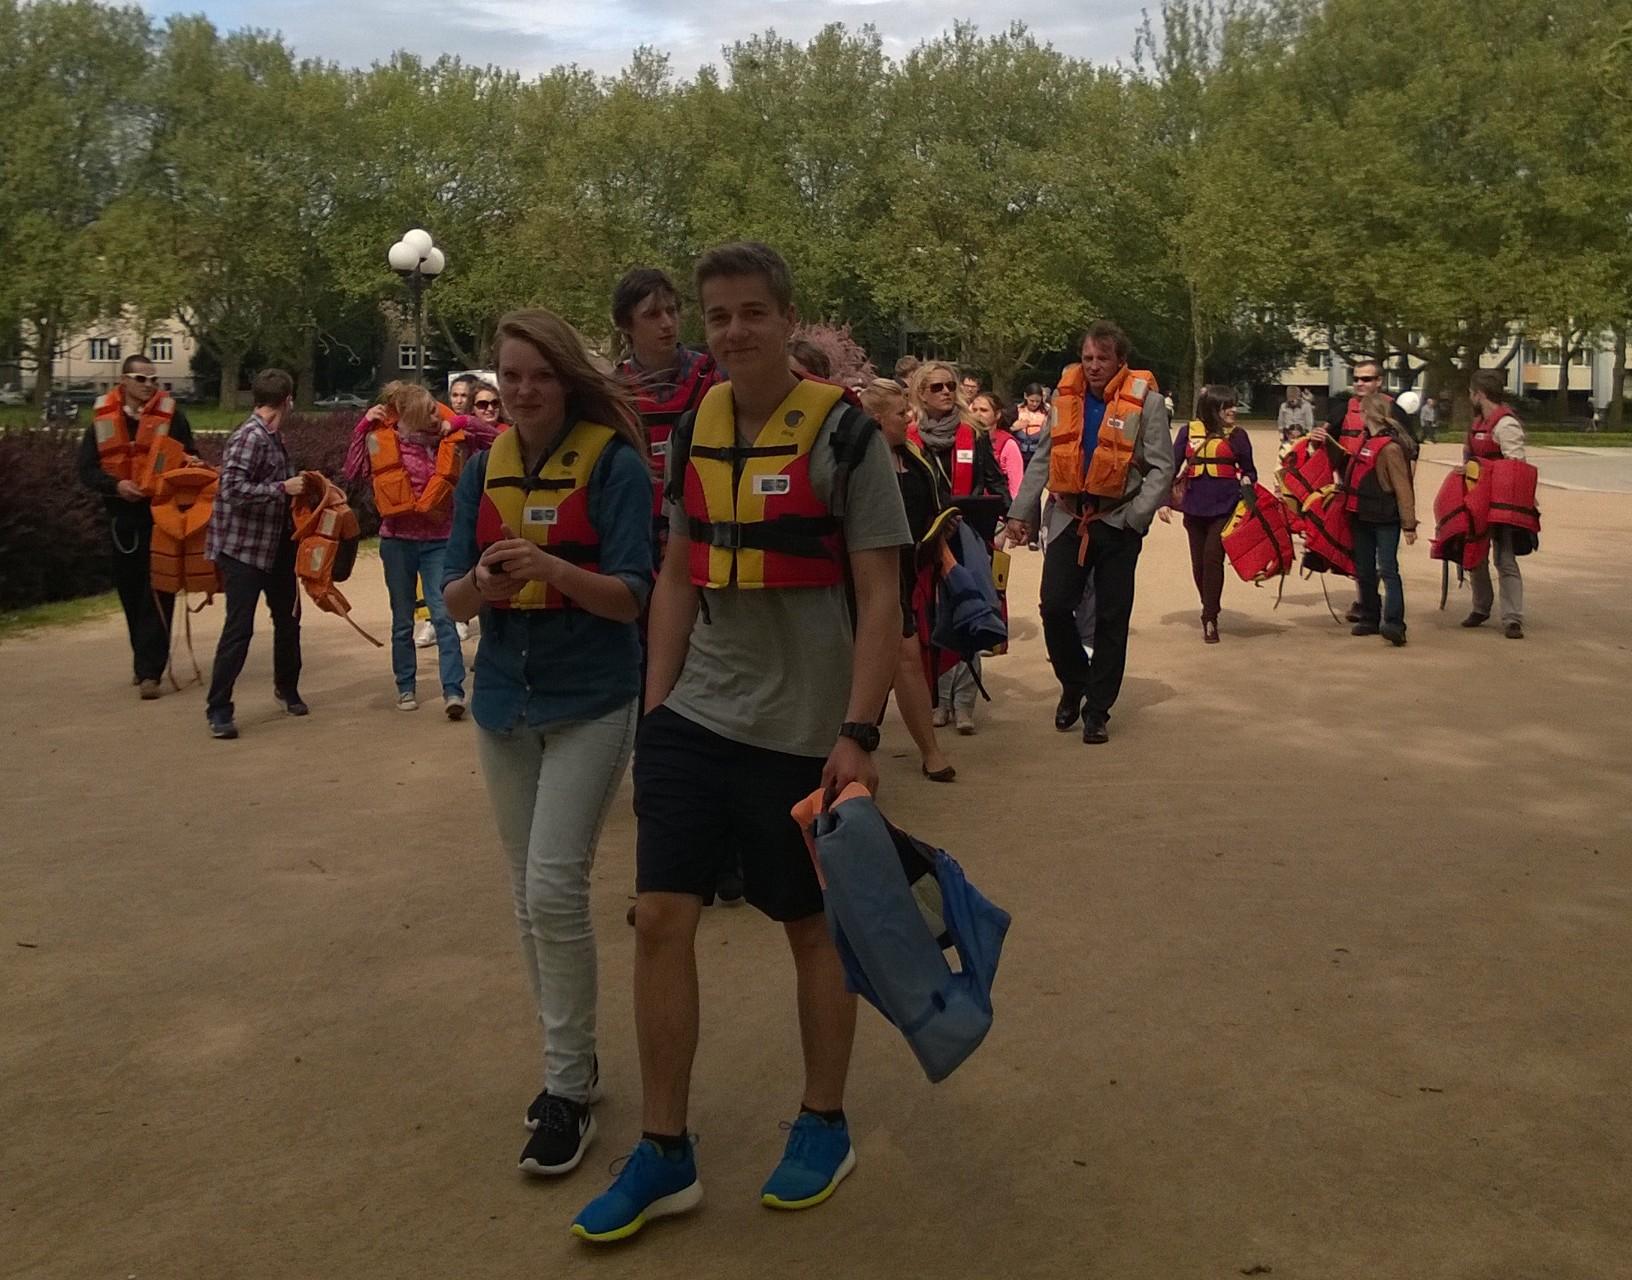 Flash mob w ratunkowych kamizelkach